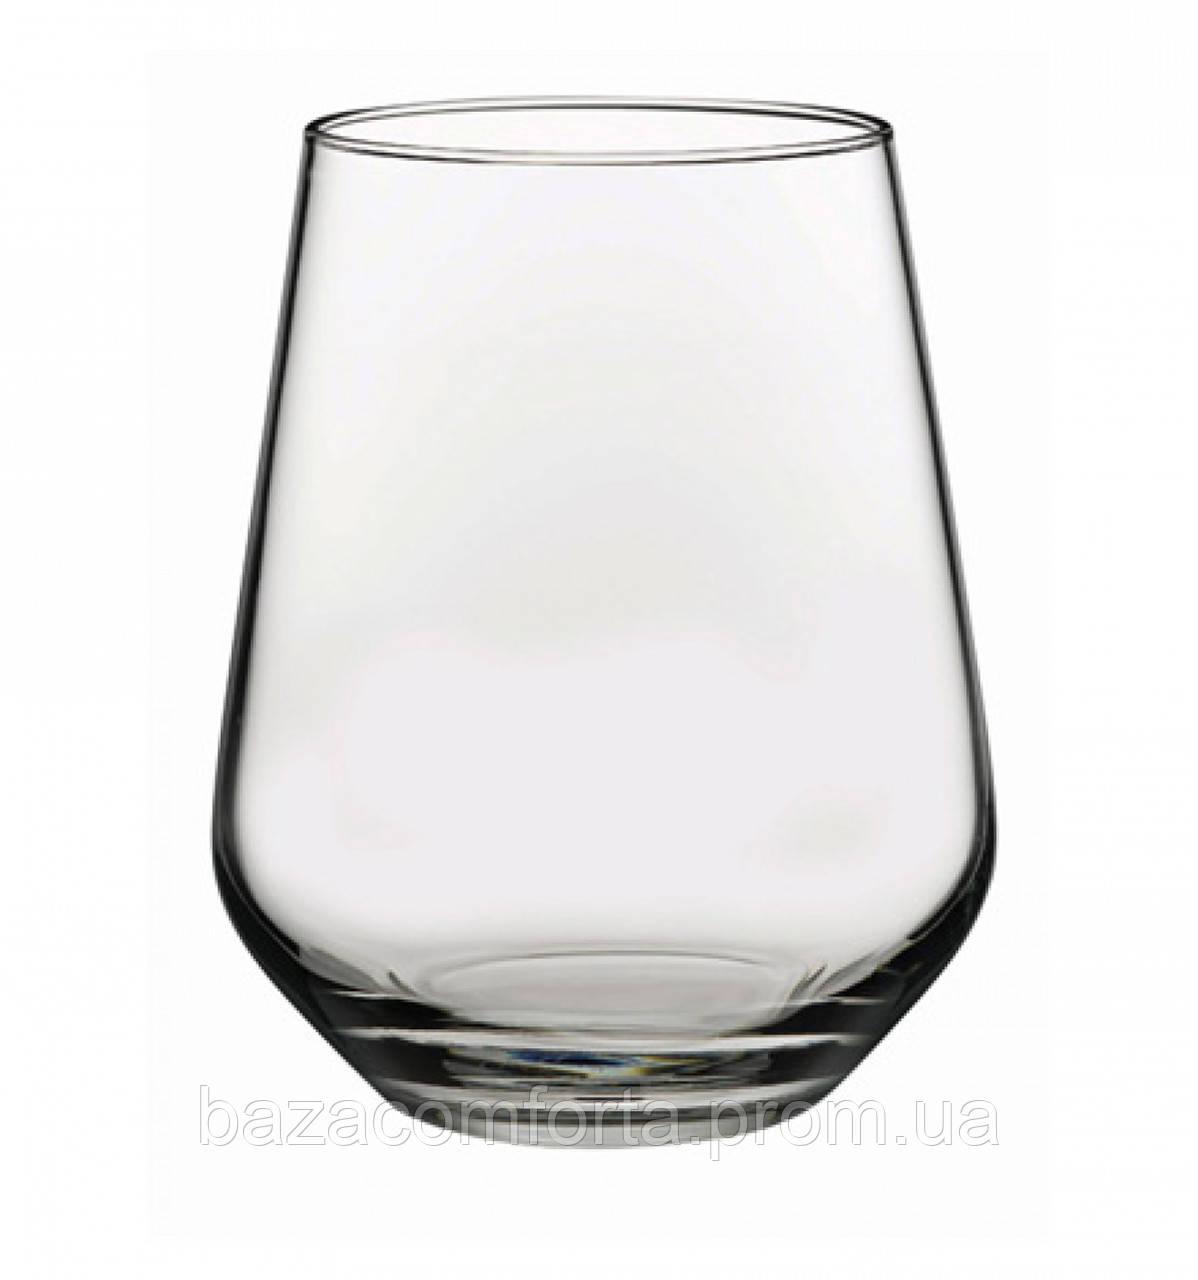 Набор стаканов высоких 425мл Allegra 41536-12 (12шт)